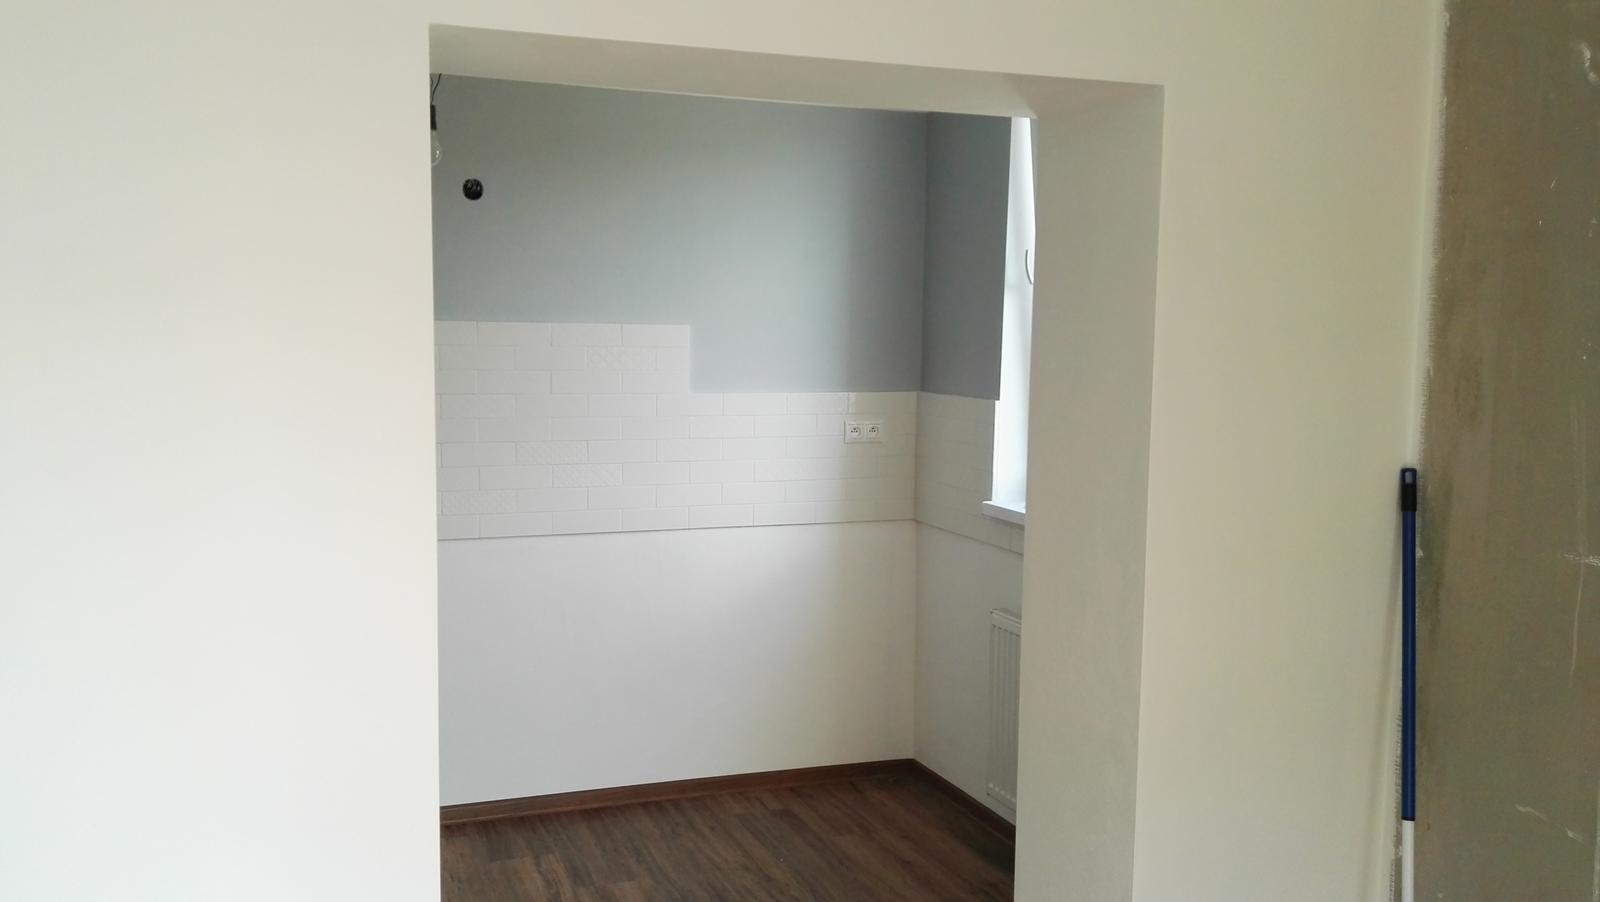 """Projekt: Nové bývanie ... - môžem začať skladať """"Ikea-lego"""" do kuchyne"""